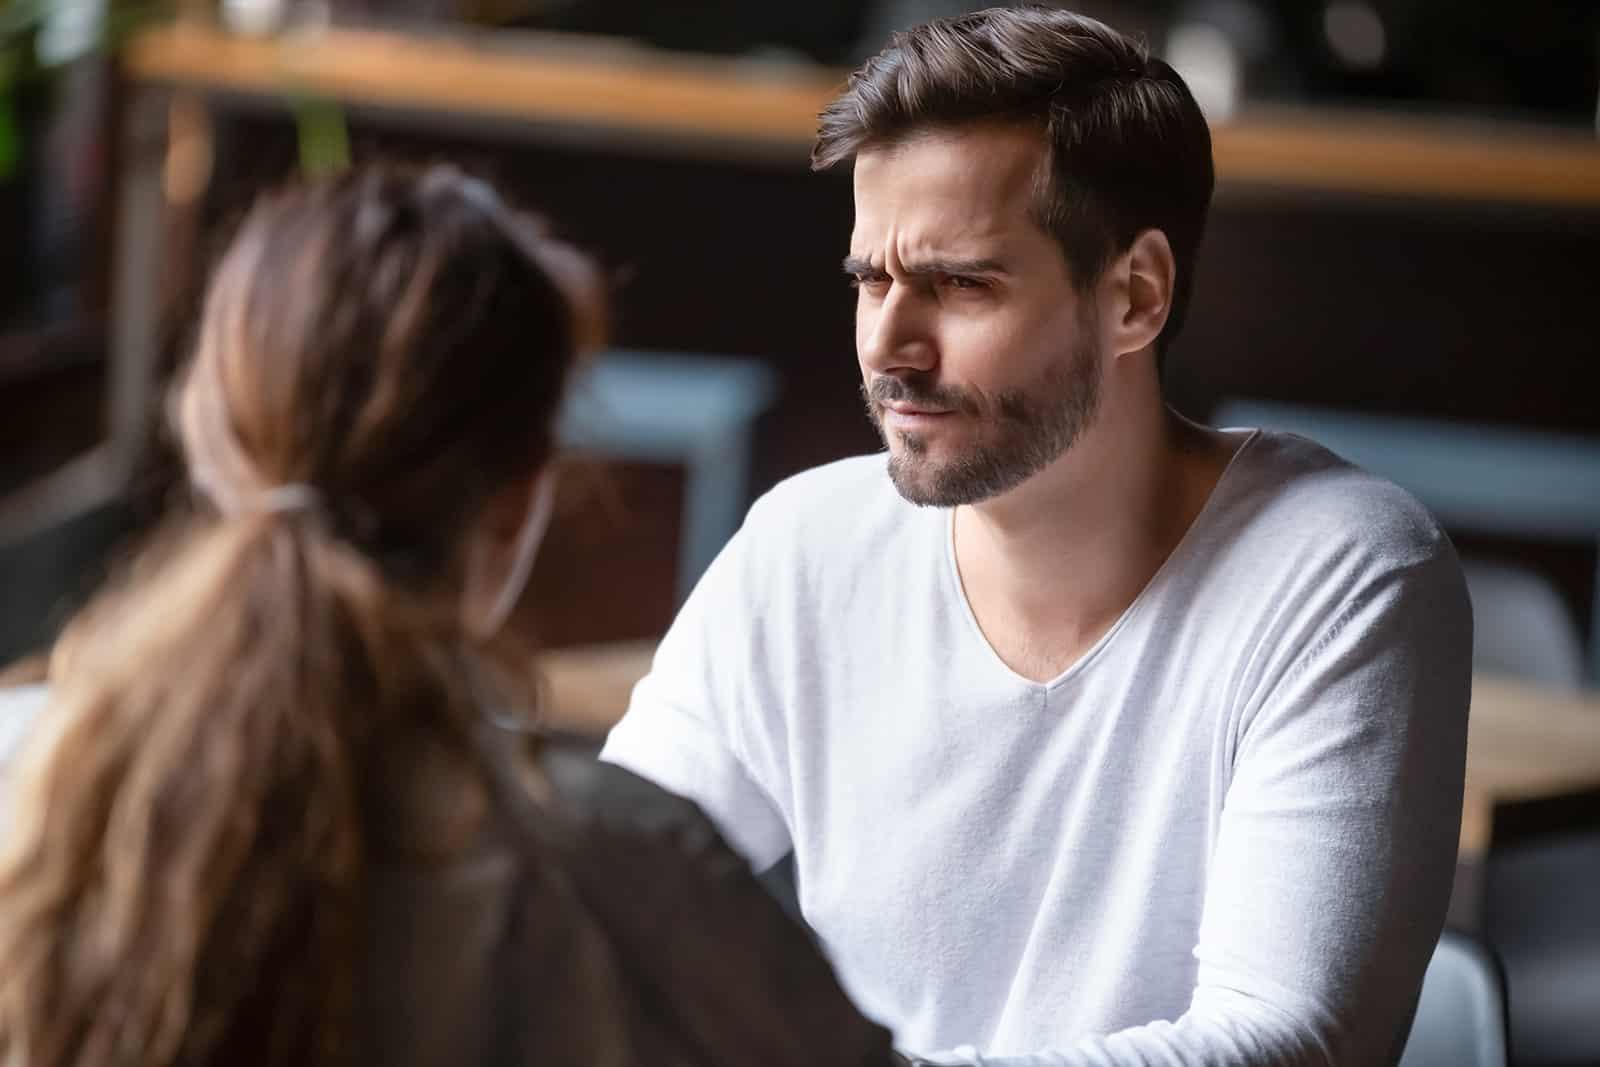 Ein unzufriedener Mann, der eine Frau beim Sitzen in einem Café bei einem Date ansieht